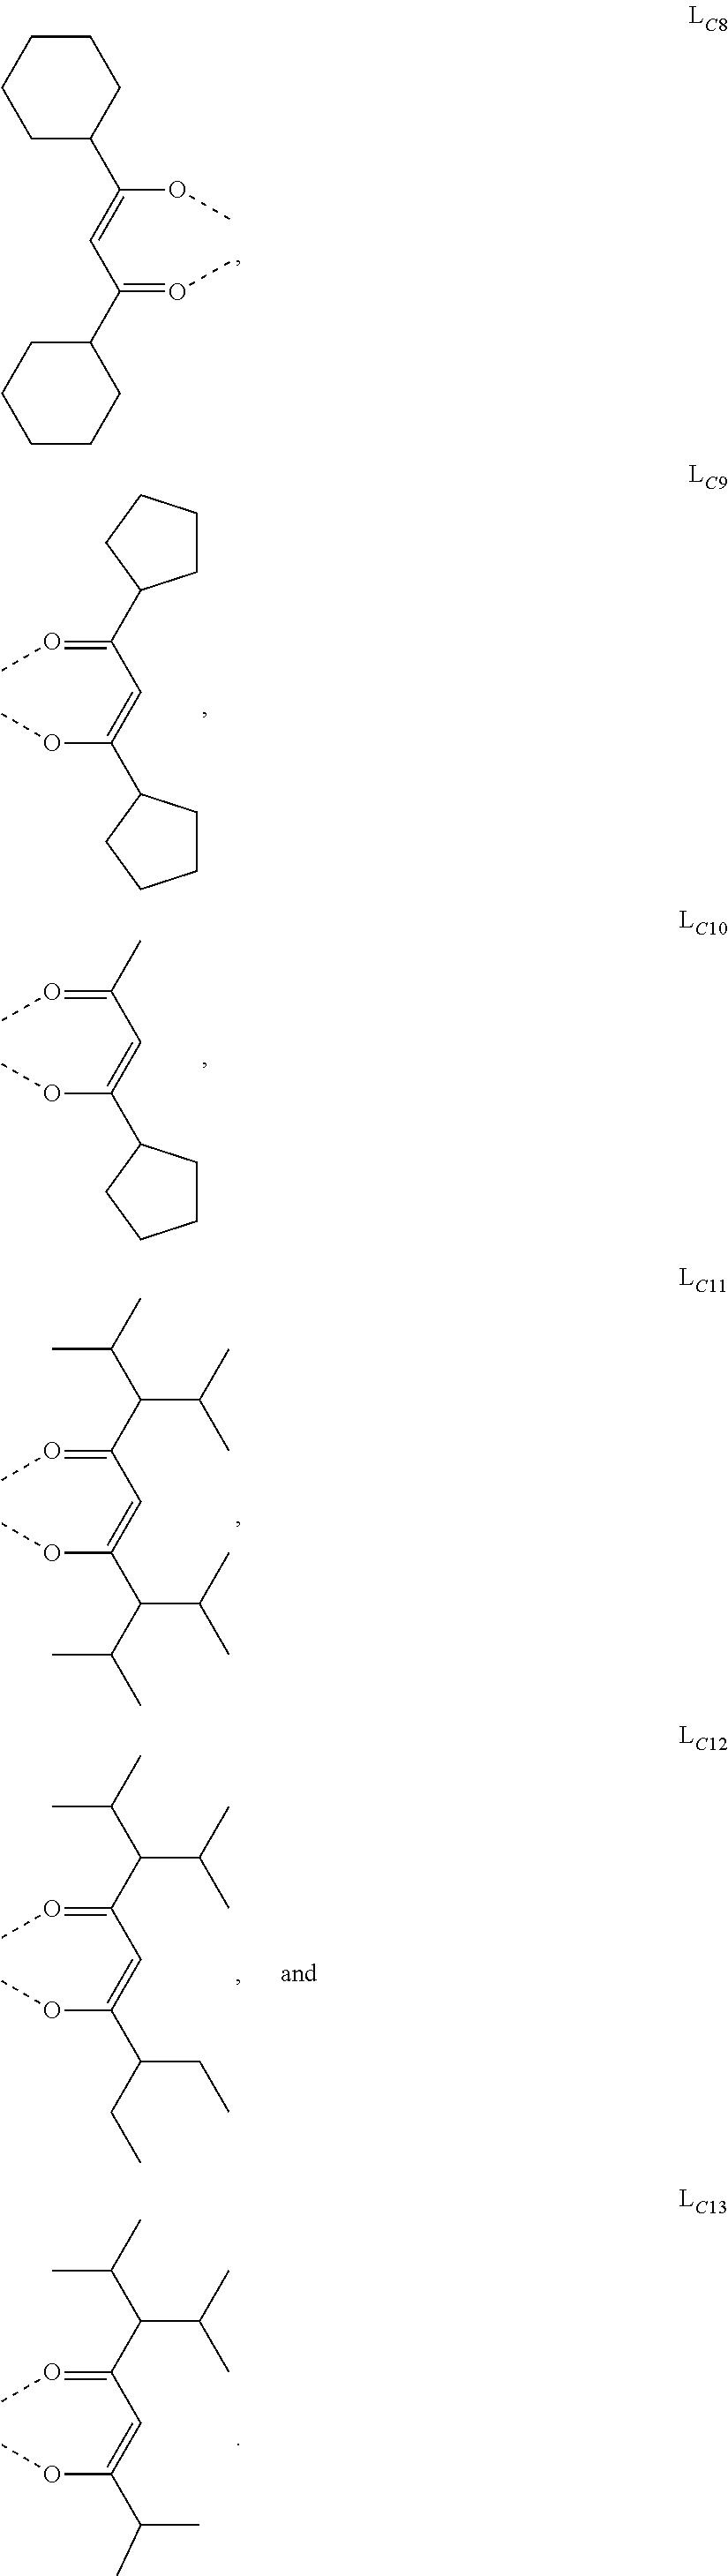 Figure US20170229663A1-20170810-C00267